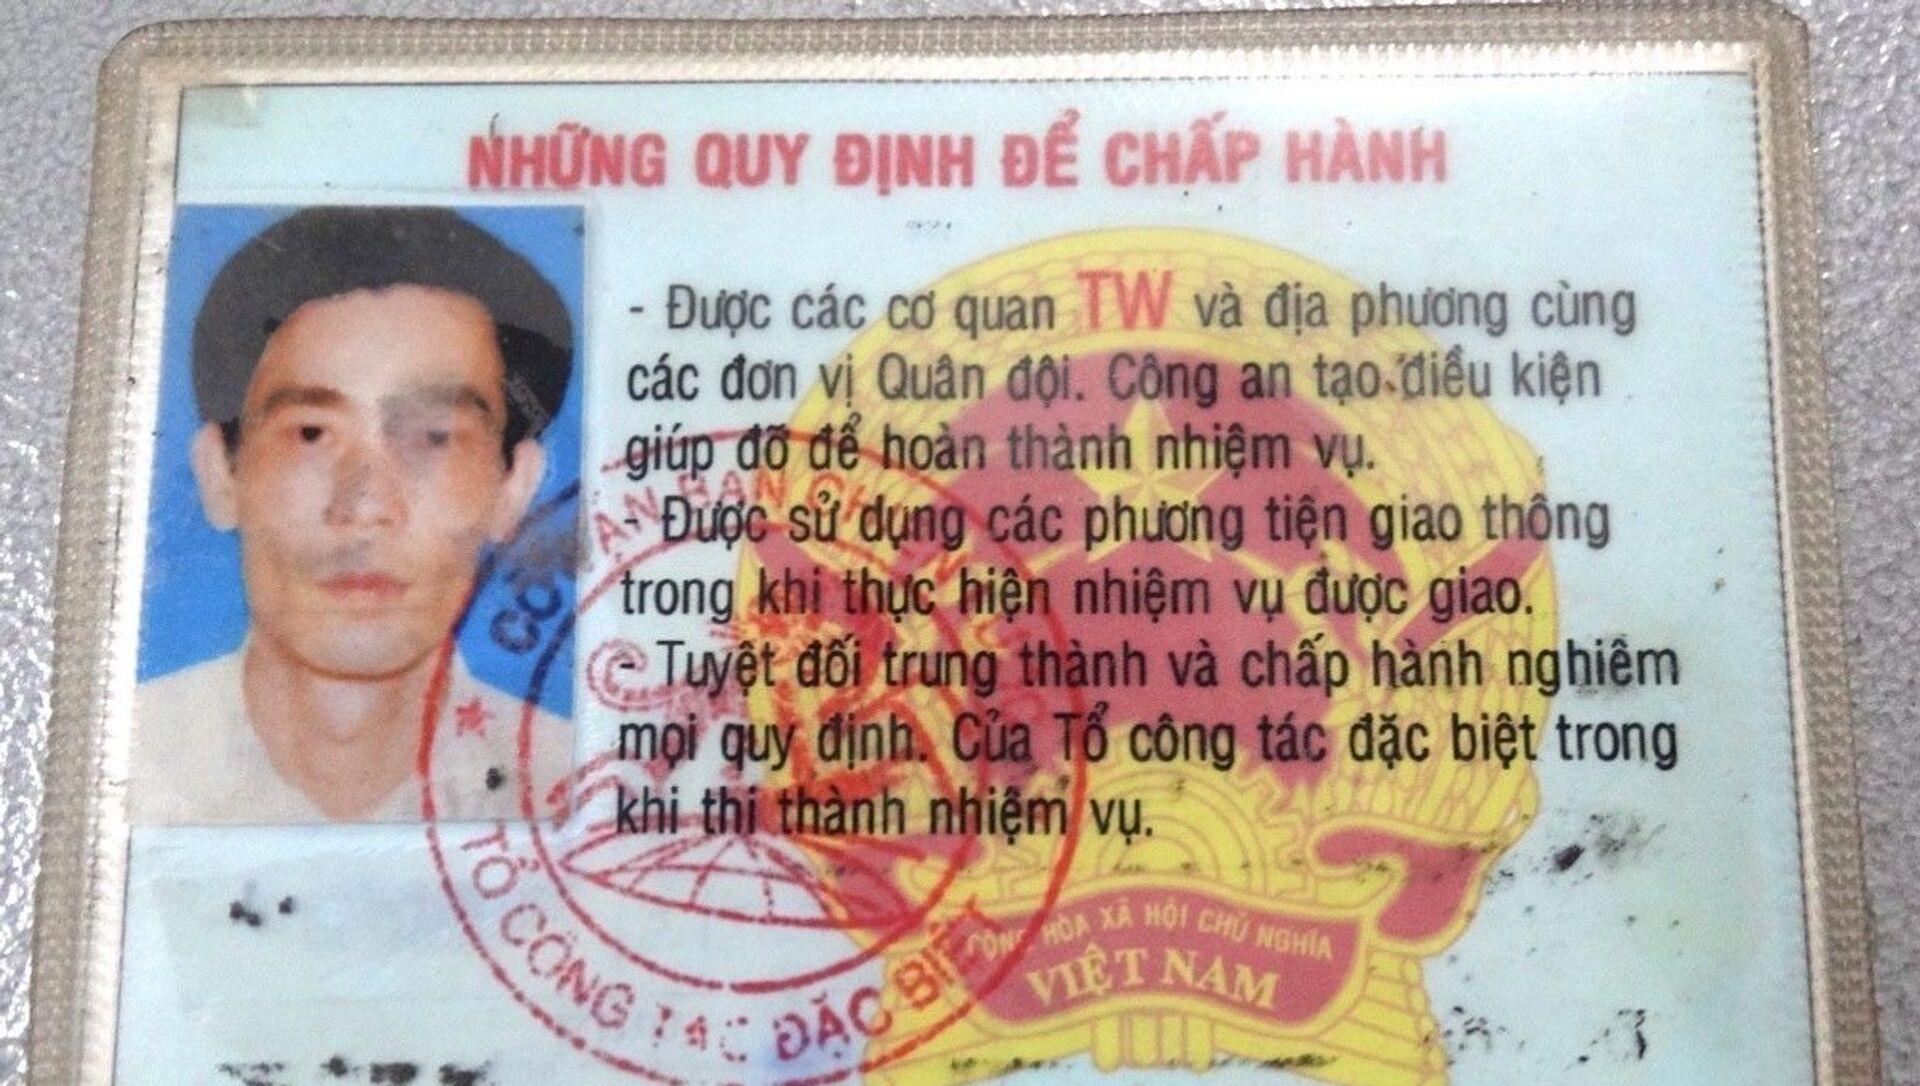 """Đồng Nai: Bắt đối tượng sử dụng """"Thẻ công vụ đặc biệt giả"""" - Sputnik Việt Nam, 1920, 24.05.2021"""